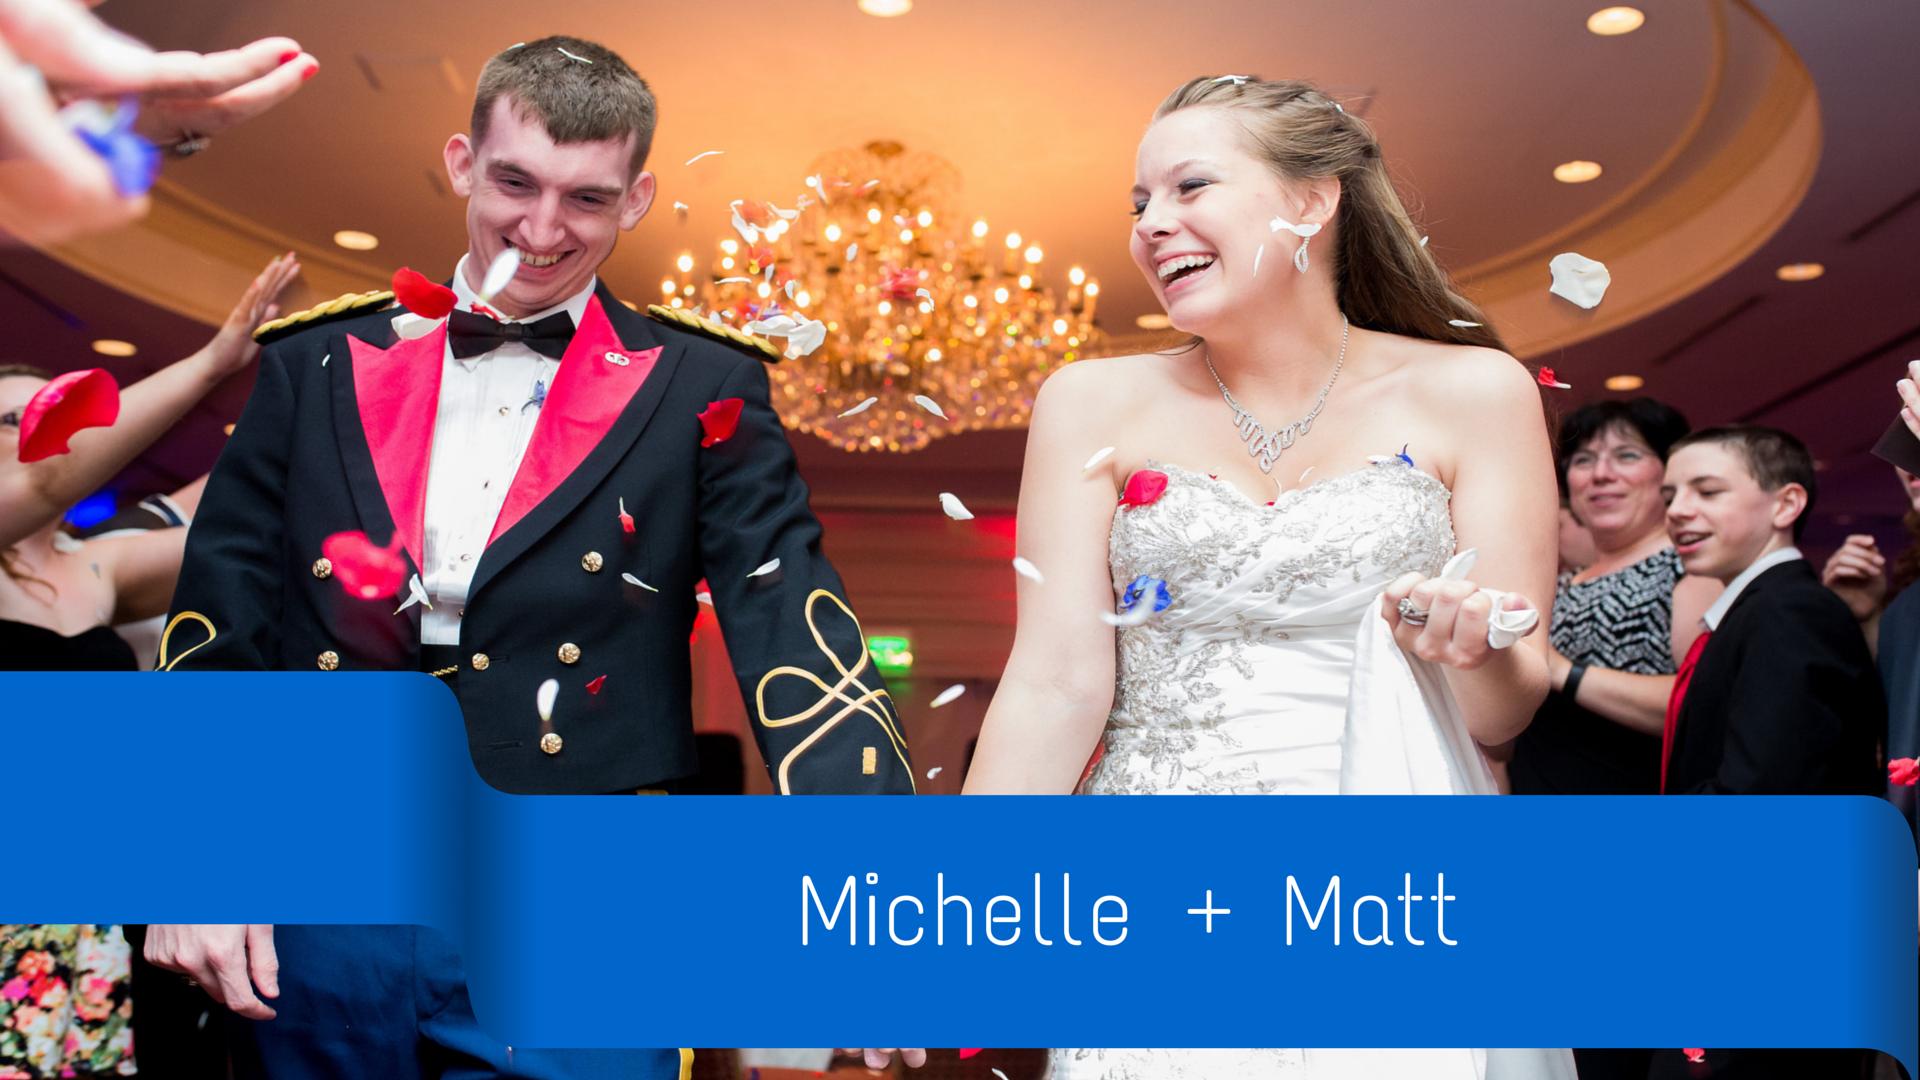 Michelle + Matt